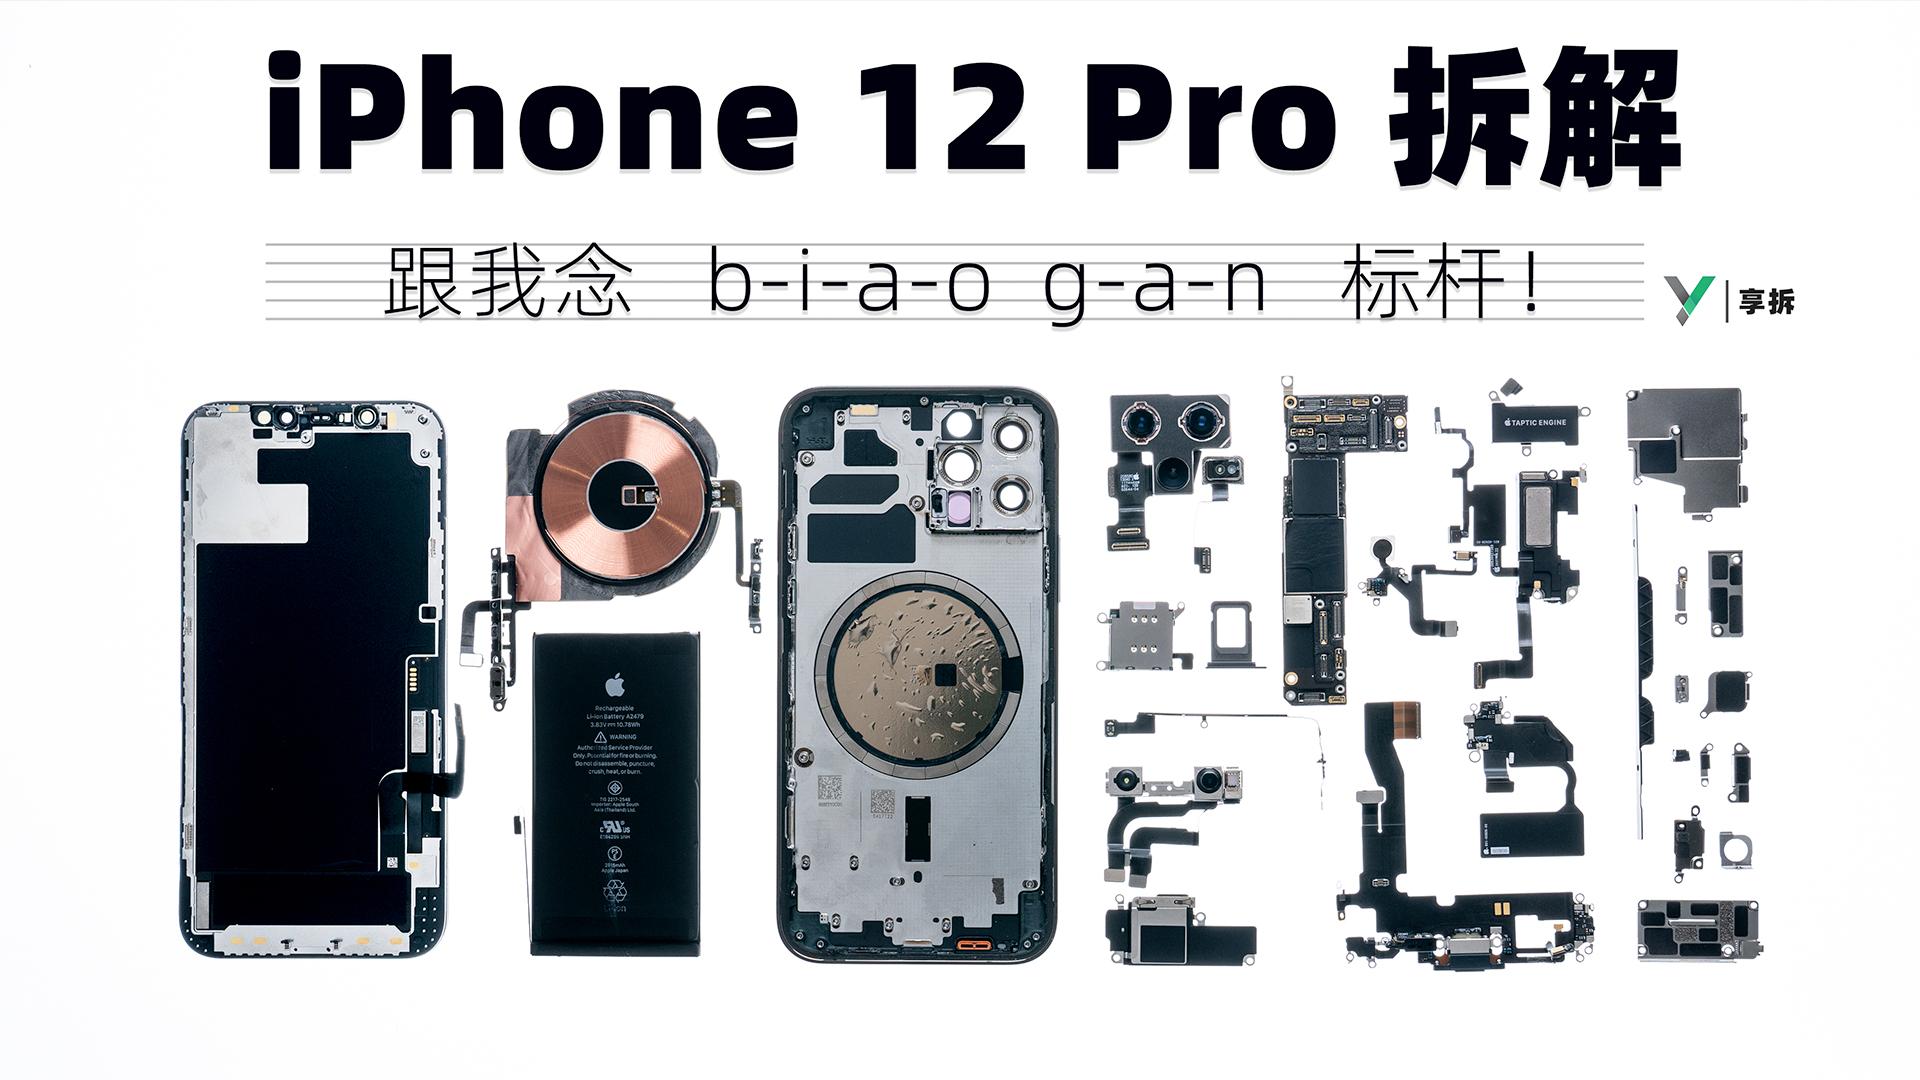 【享拆】iPhone 12 Pro拆解: 来,跟我念:b-i-a-o g-a-n,标杆!